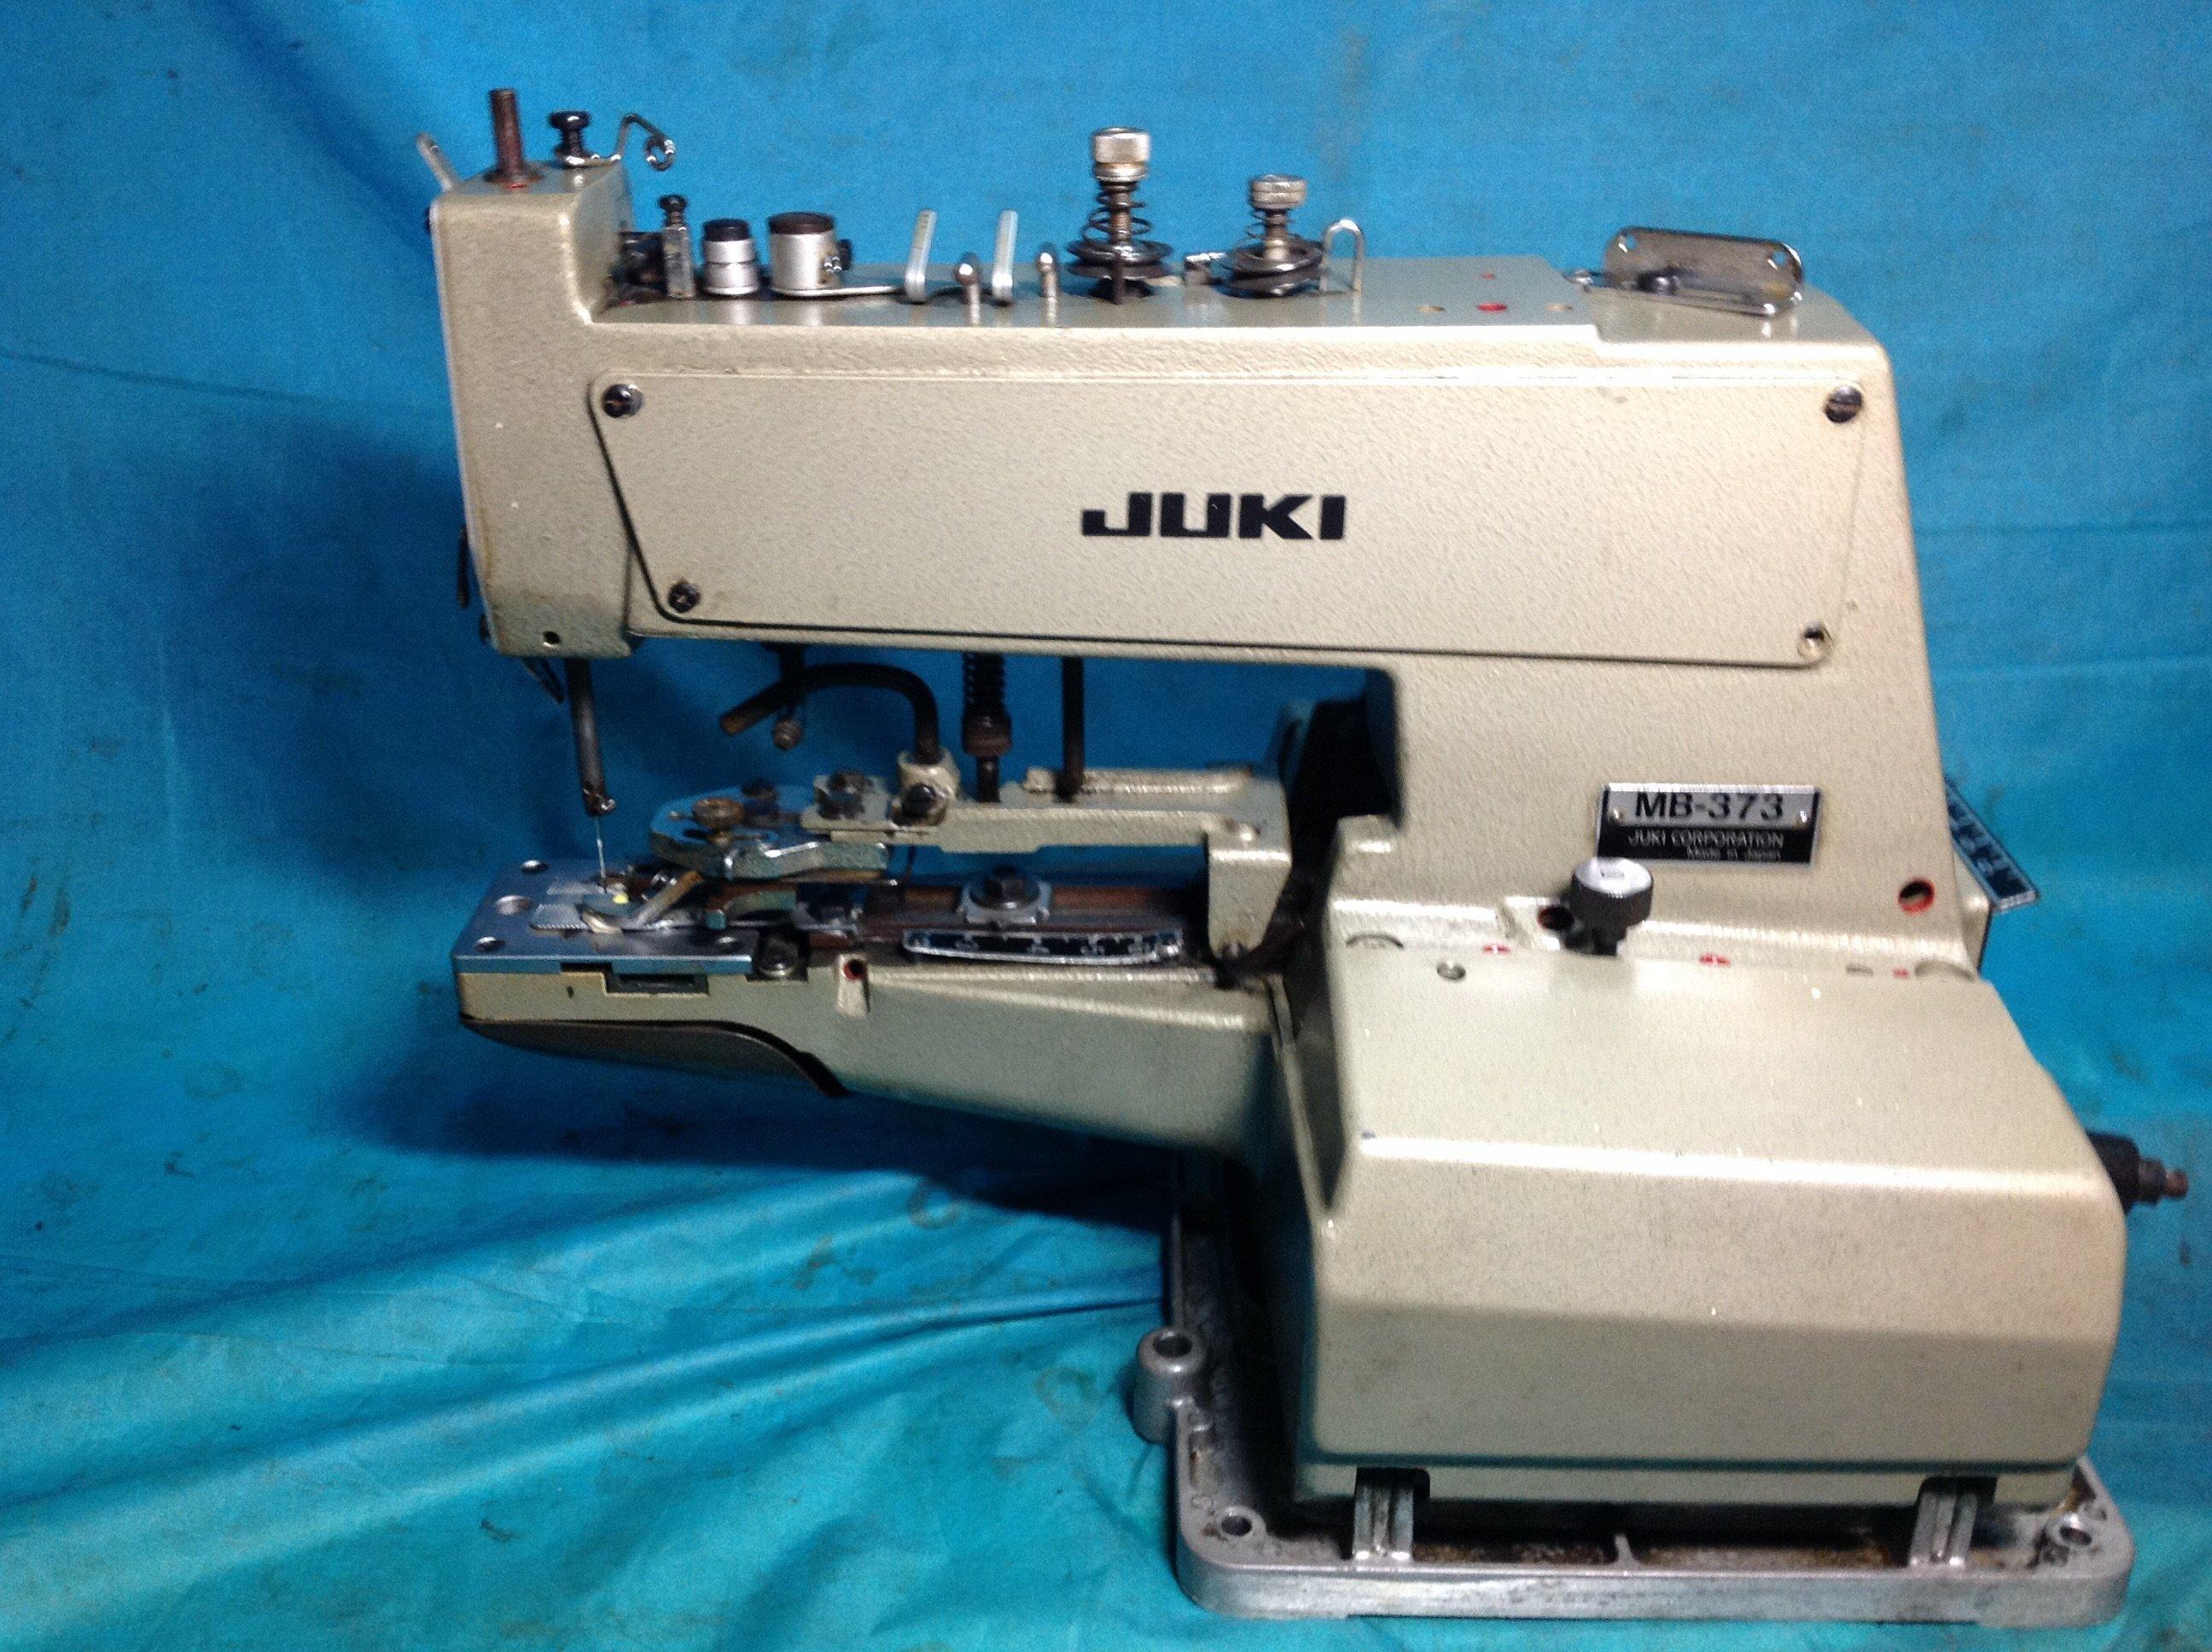 工業縫紉機 日本制 JUKI  373型依服 釘扣機, 釘襪子,牛仔褲紙牌丶布廠用釘布邊機,自動切線耐操全自動